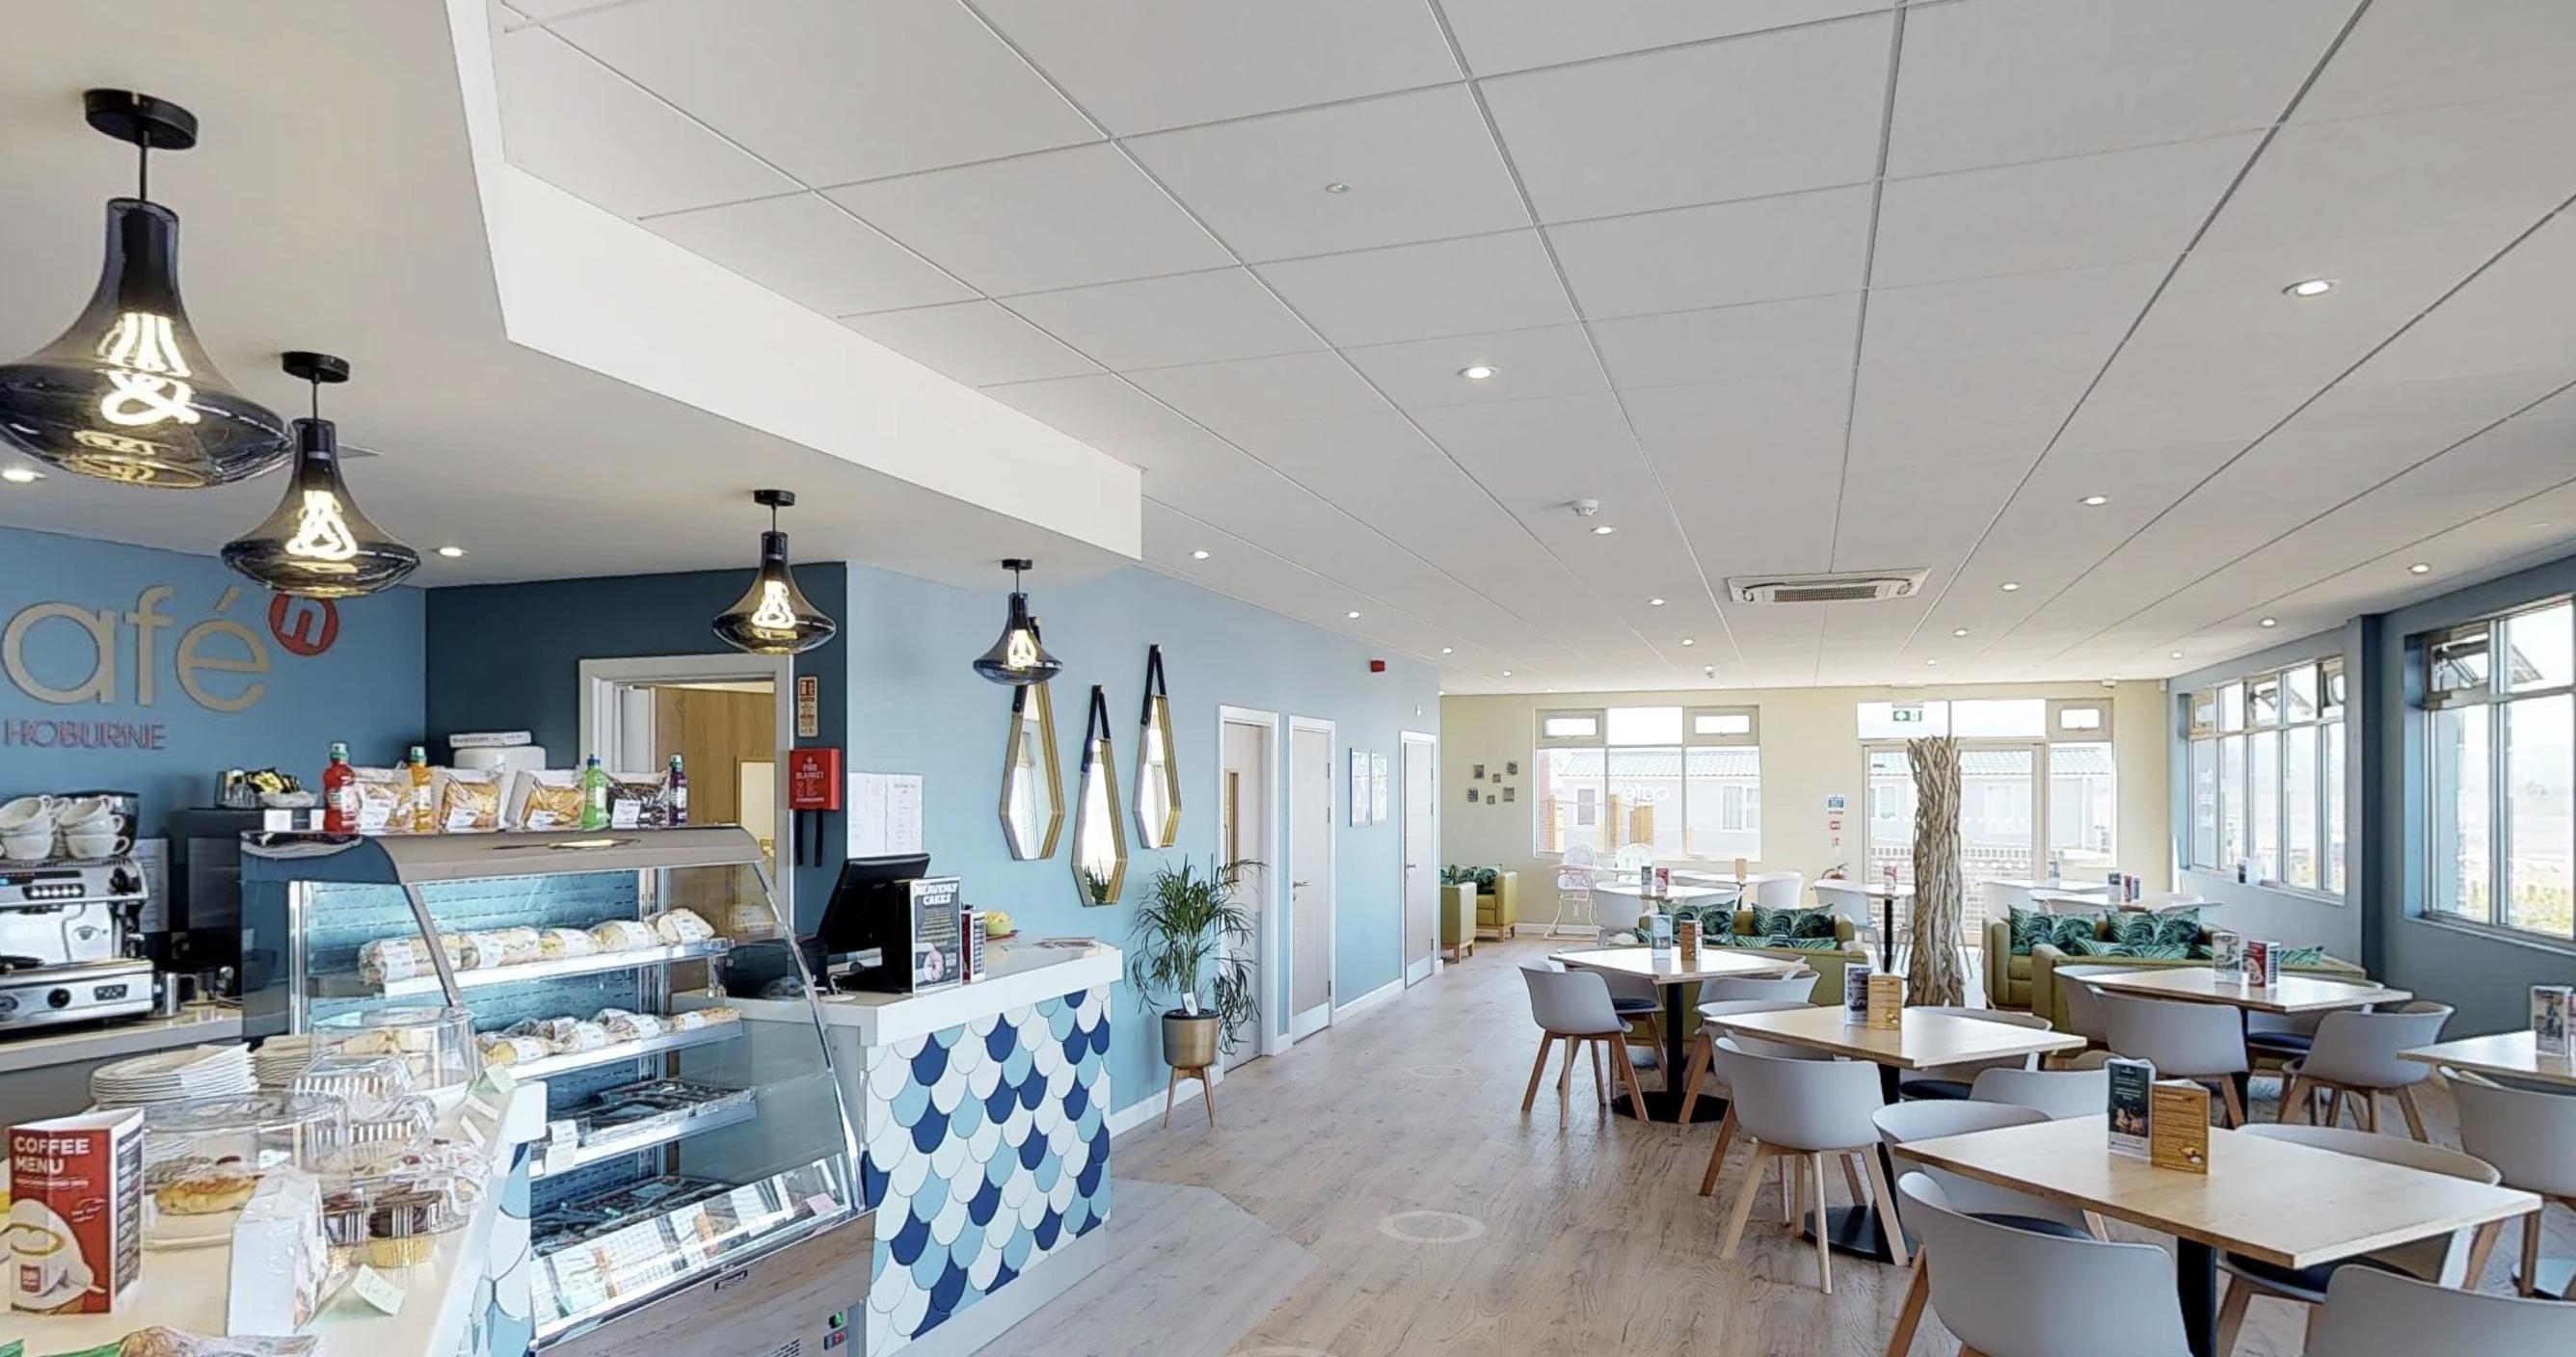 Cafe Hobourne